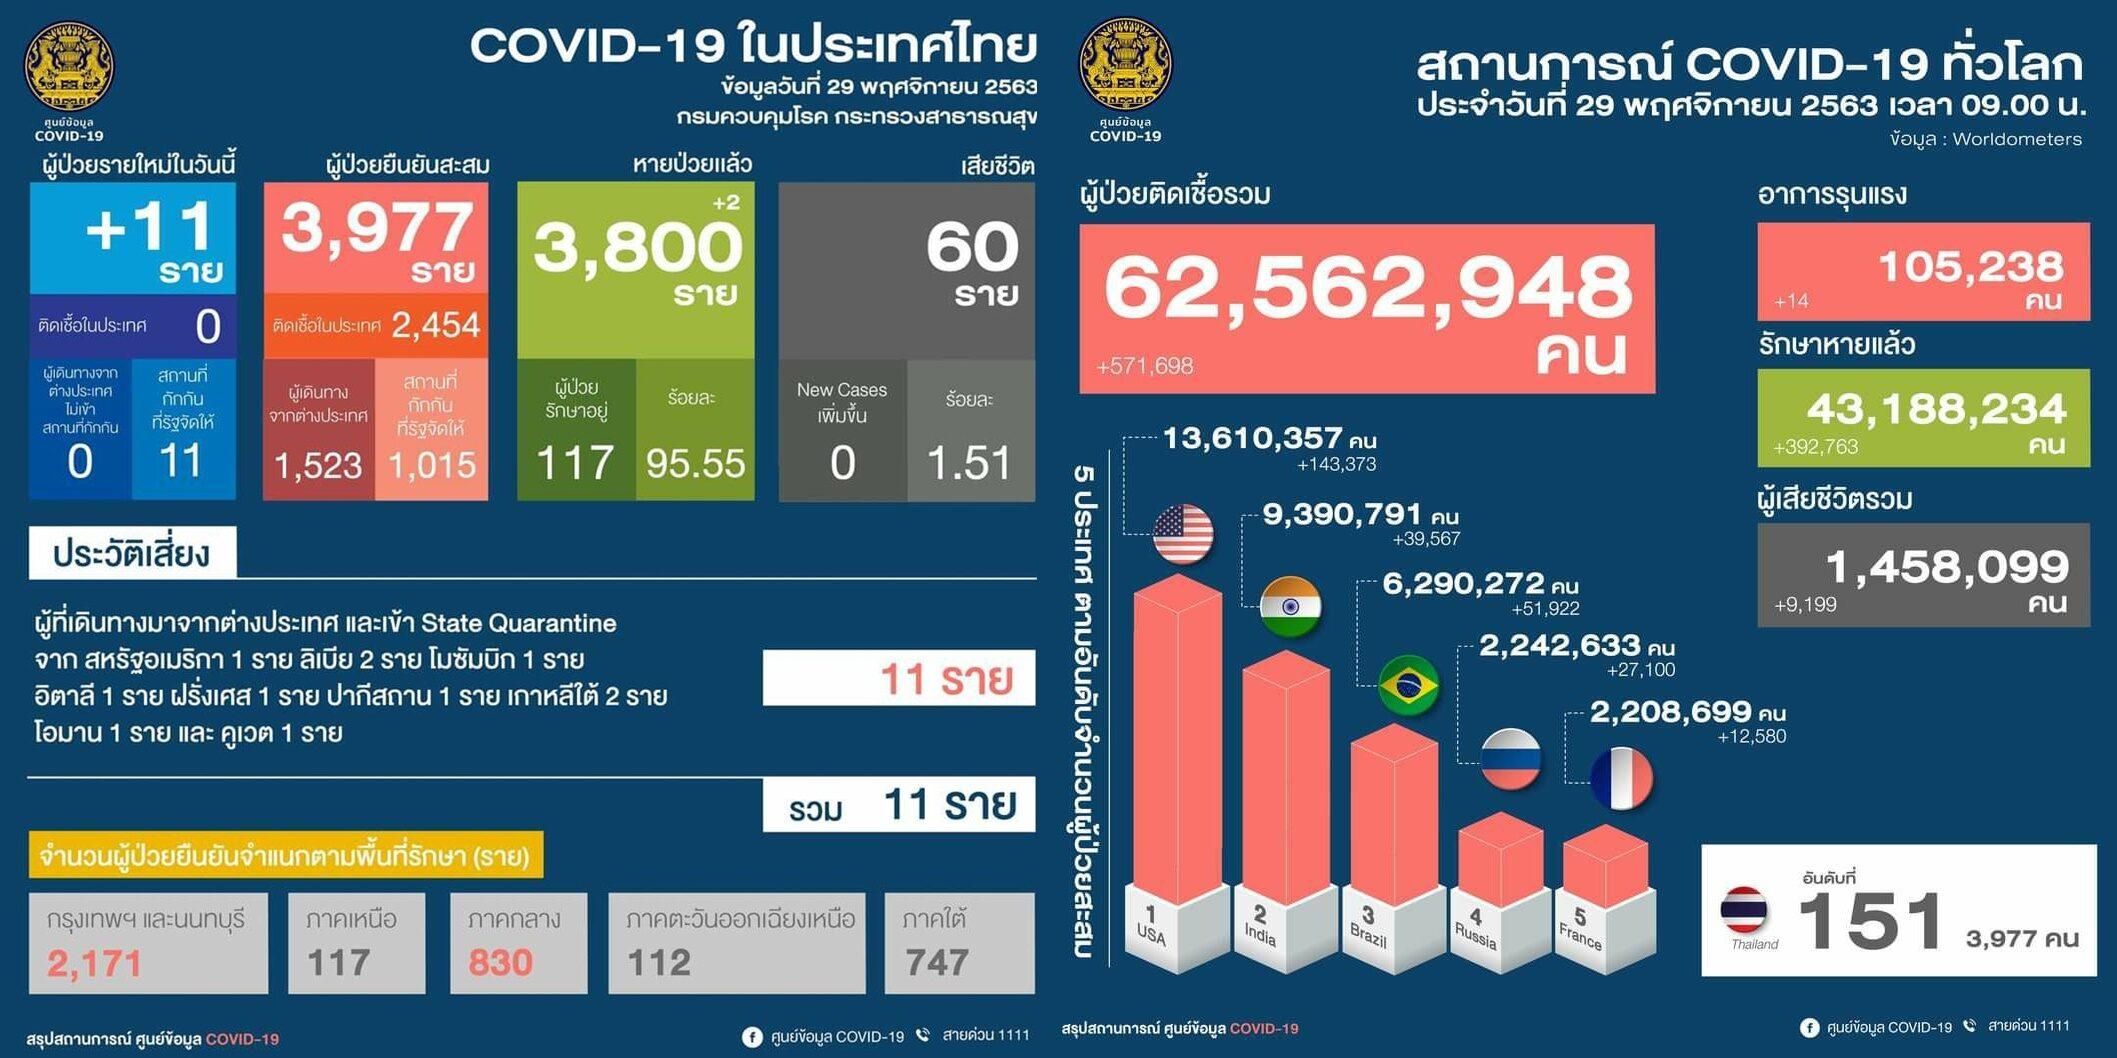 โควิดไทยวันนี้ ป่วยใหม่ 11 ราย! คนไทย 7 ต่างชาติ 4 ตรวจพบในสถานกักกัน